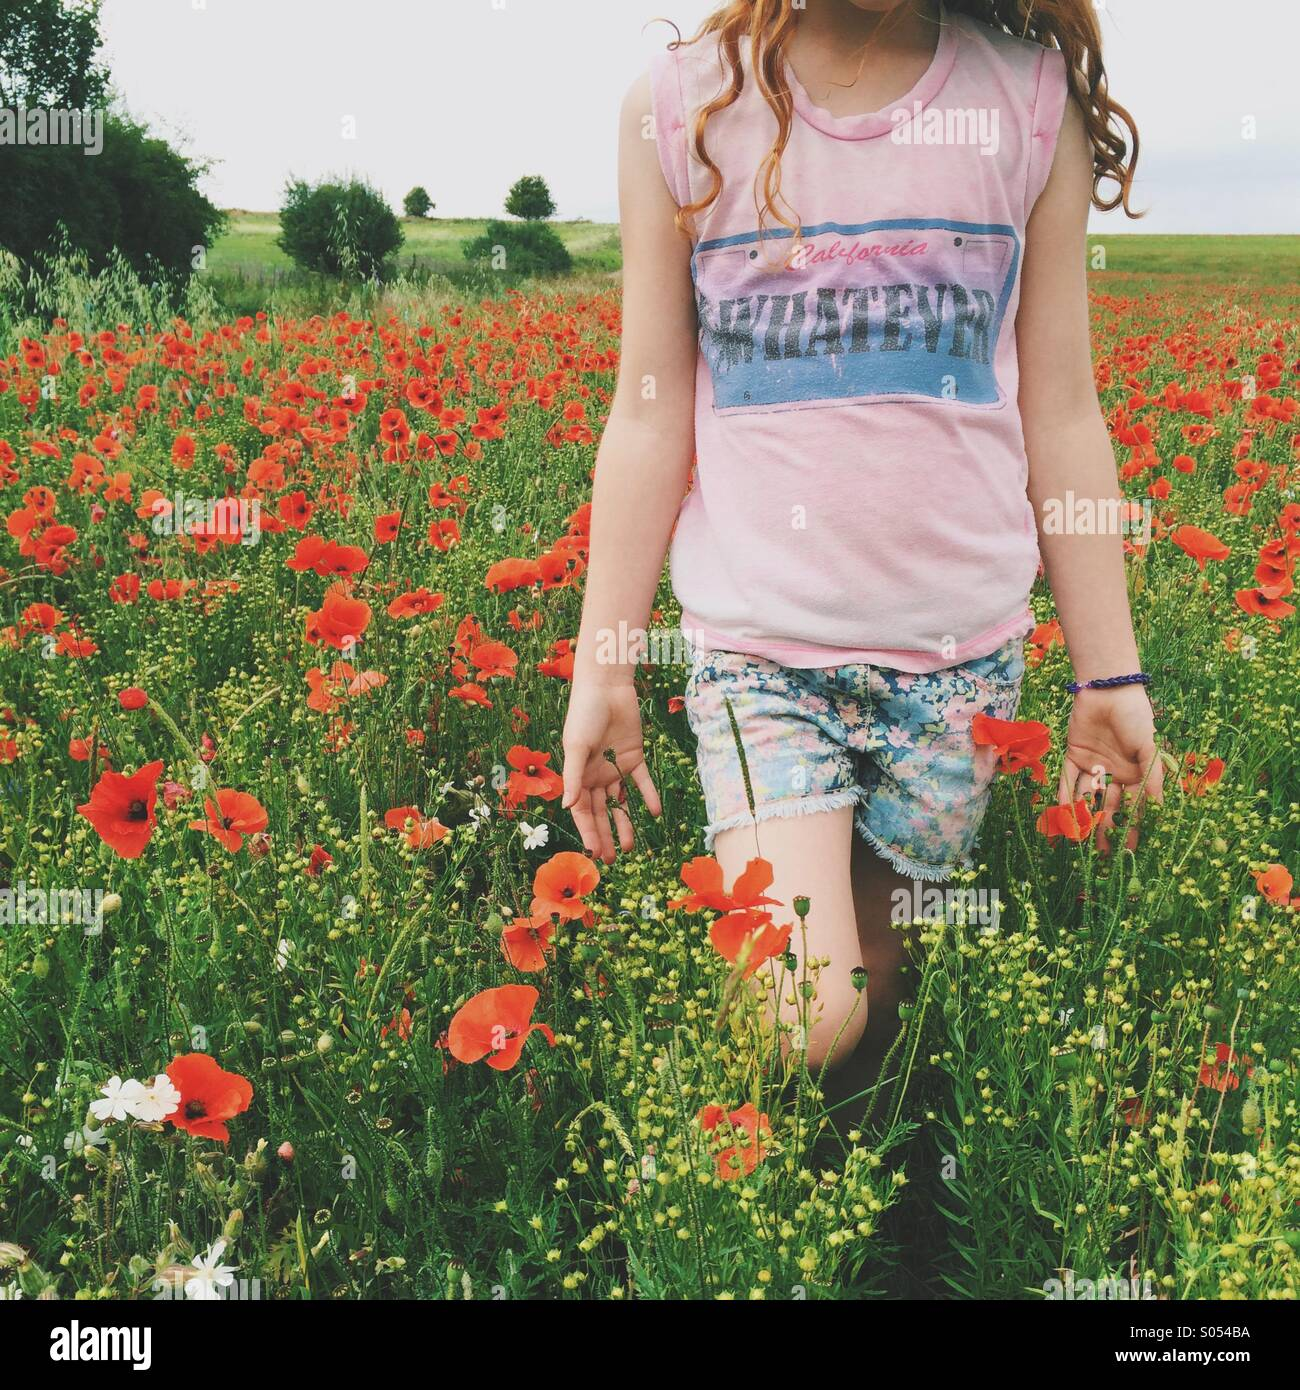 Chica caminando por un campo de amapolas Imagen De Stock